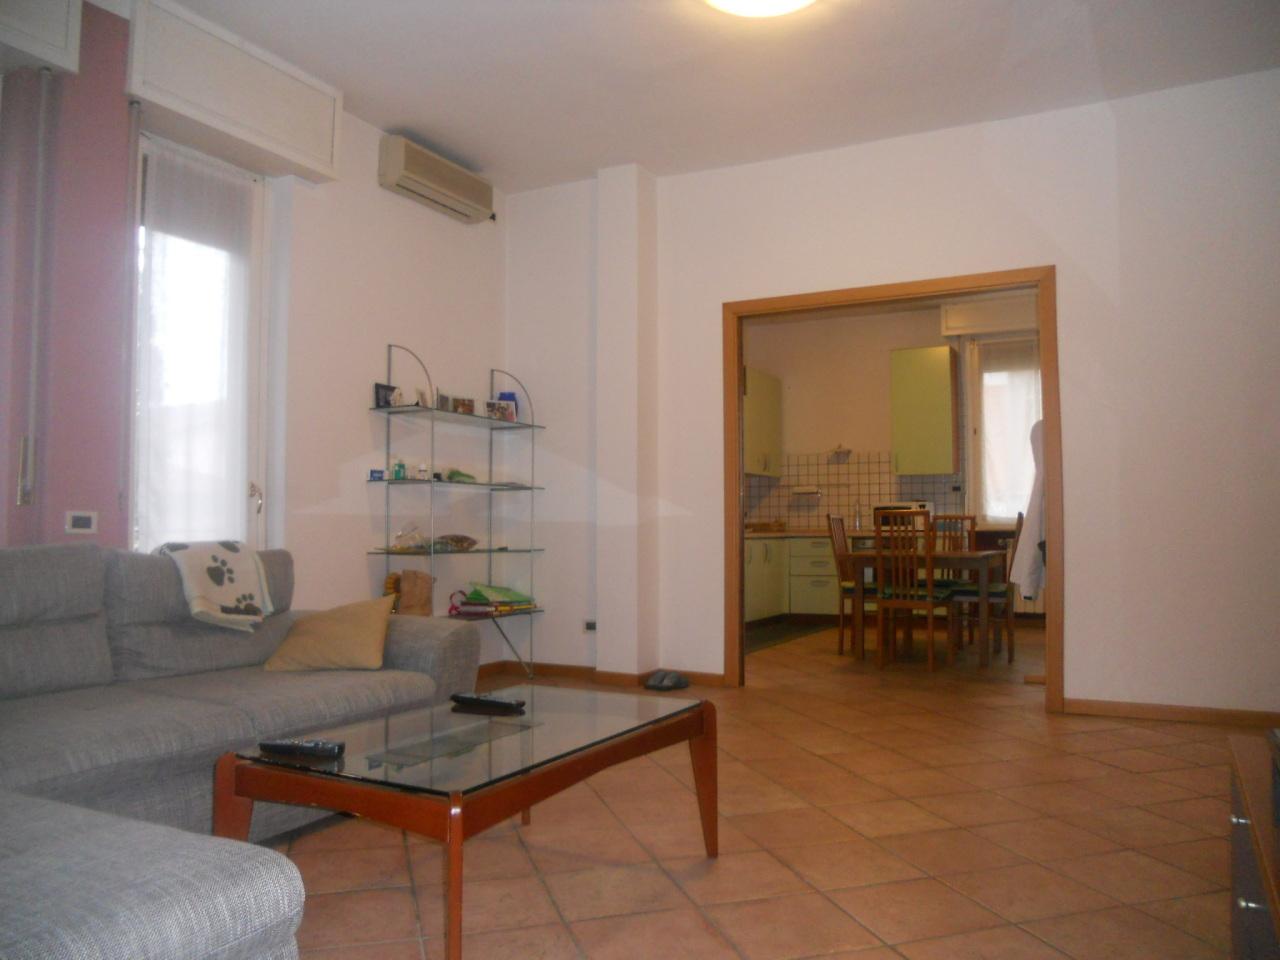 Appartamento in vendita a Chiari, 5 locali, prezzo € 119.000 | Cambio Casa.it